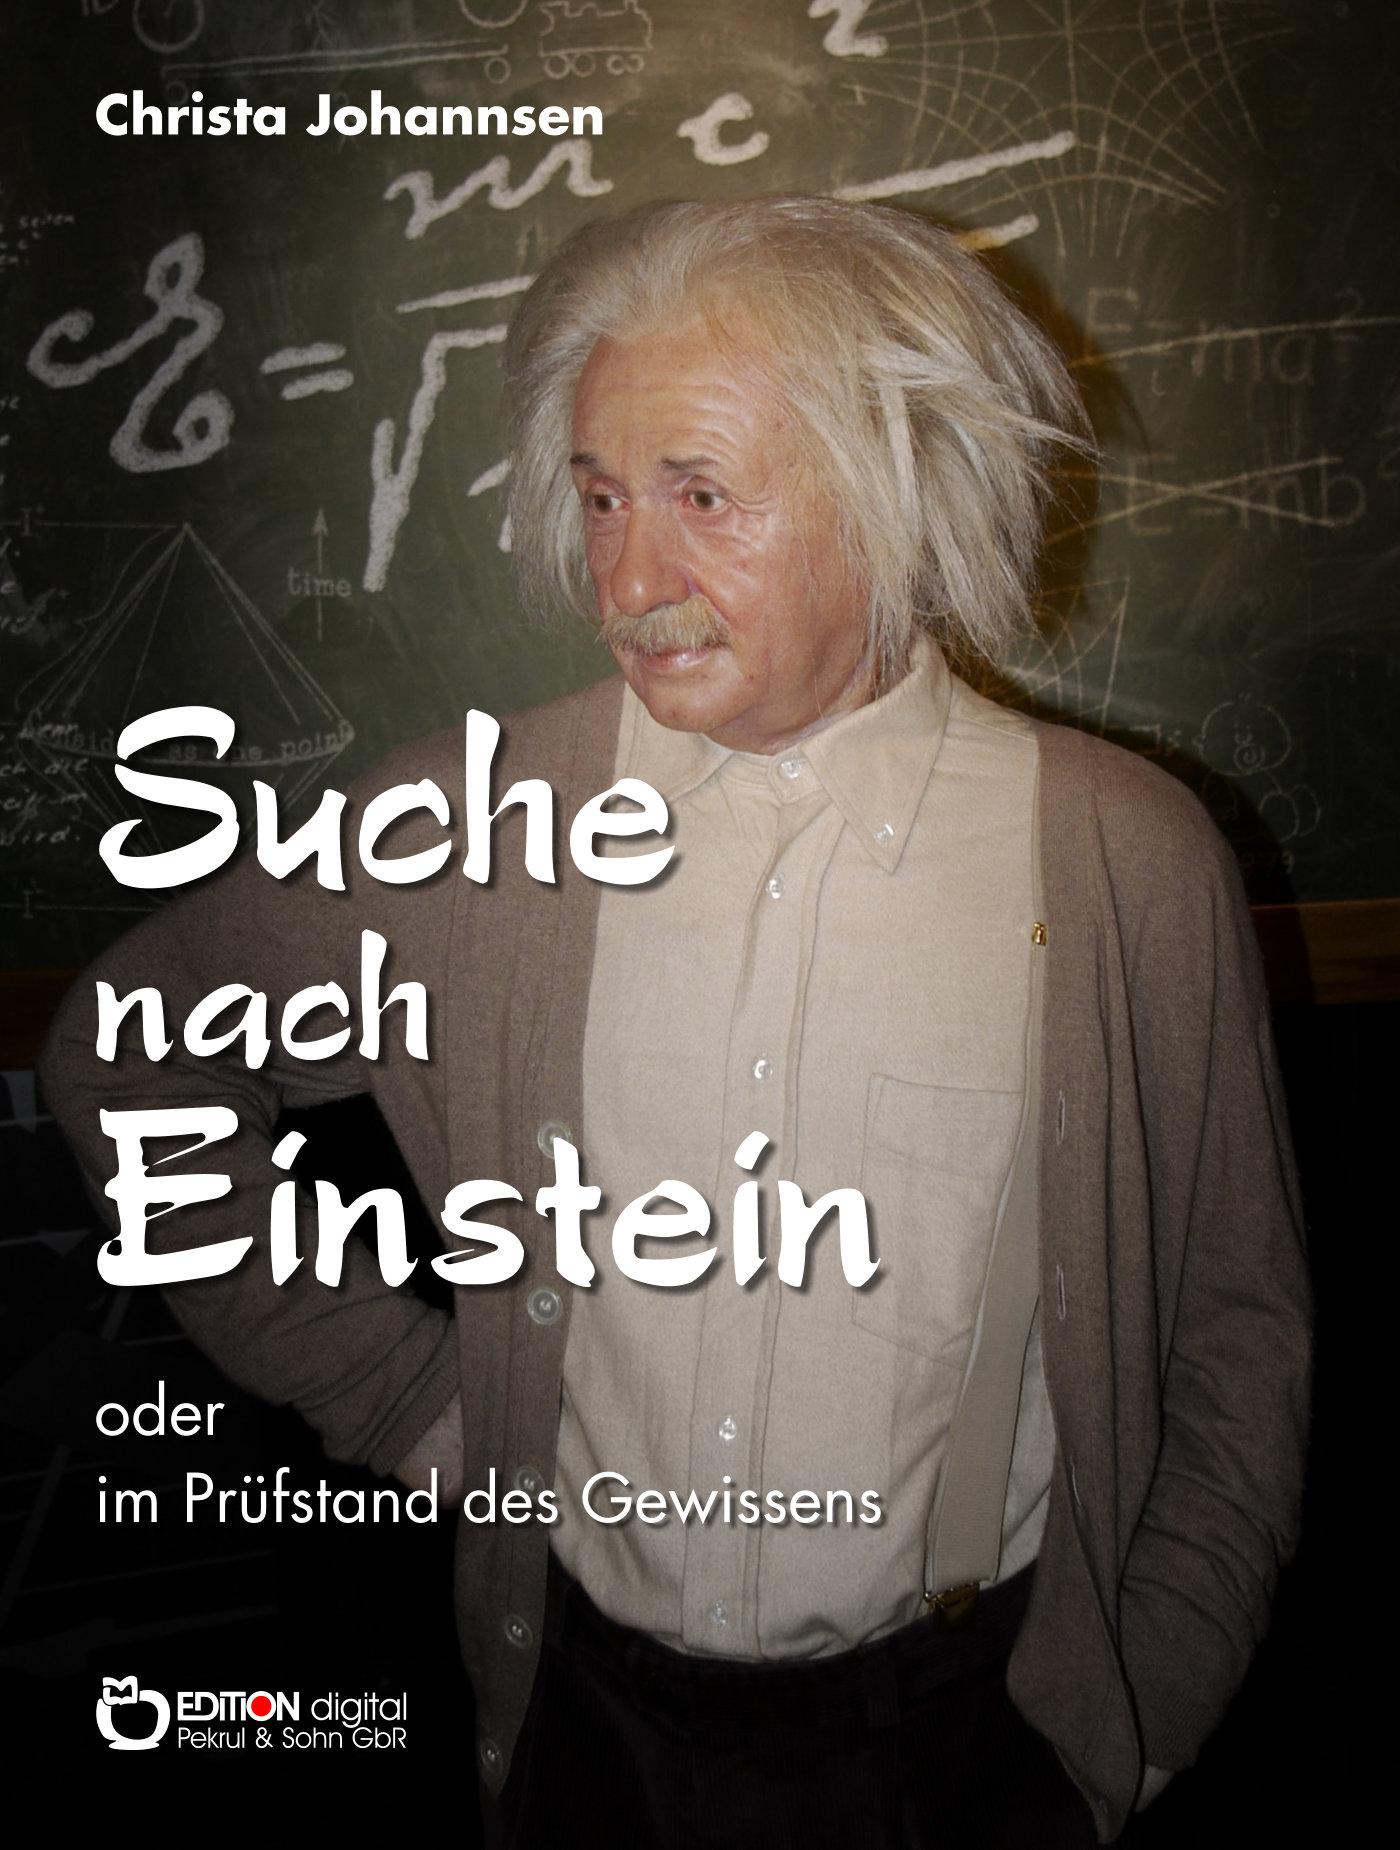 Suche nach Einstein oder im Prüfstand des Gewissens von Christa Johannsen, Albrecht Franke (Herausgeber)